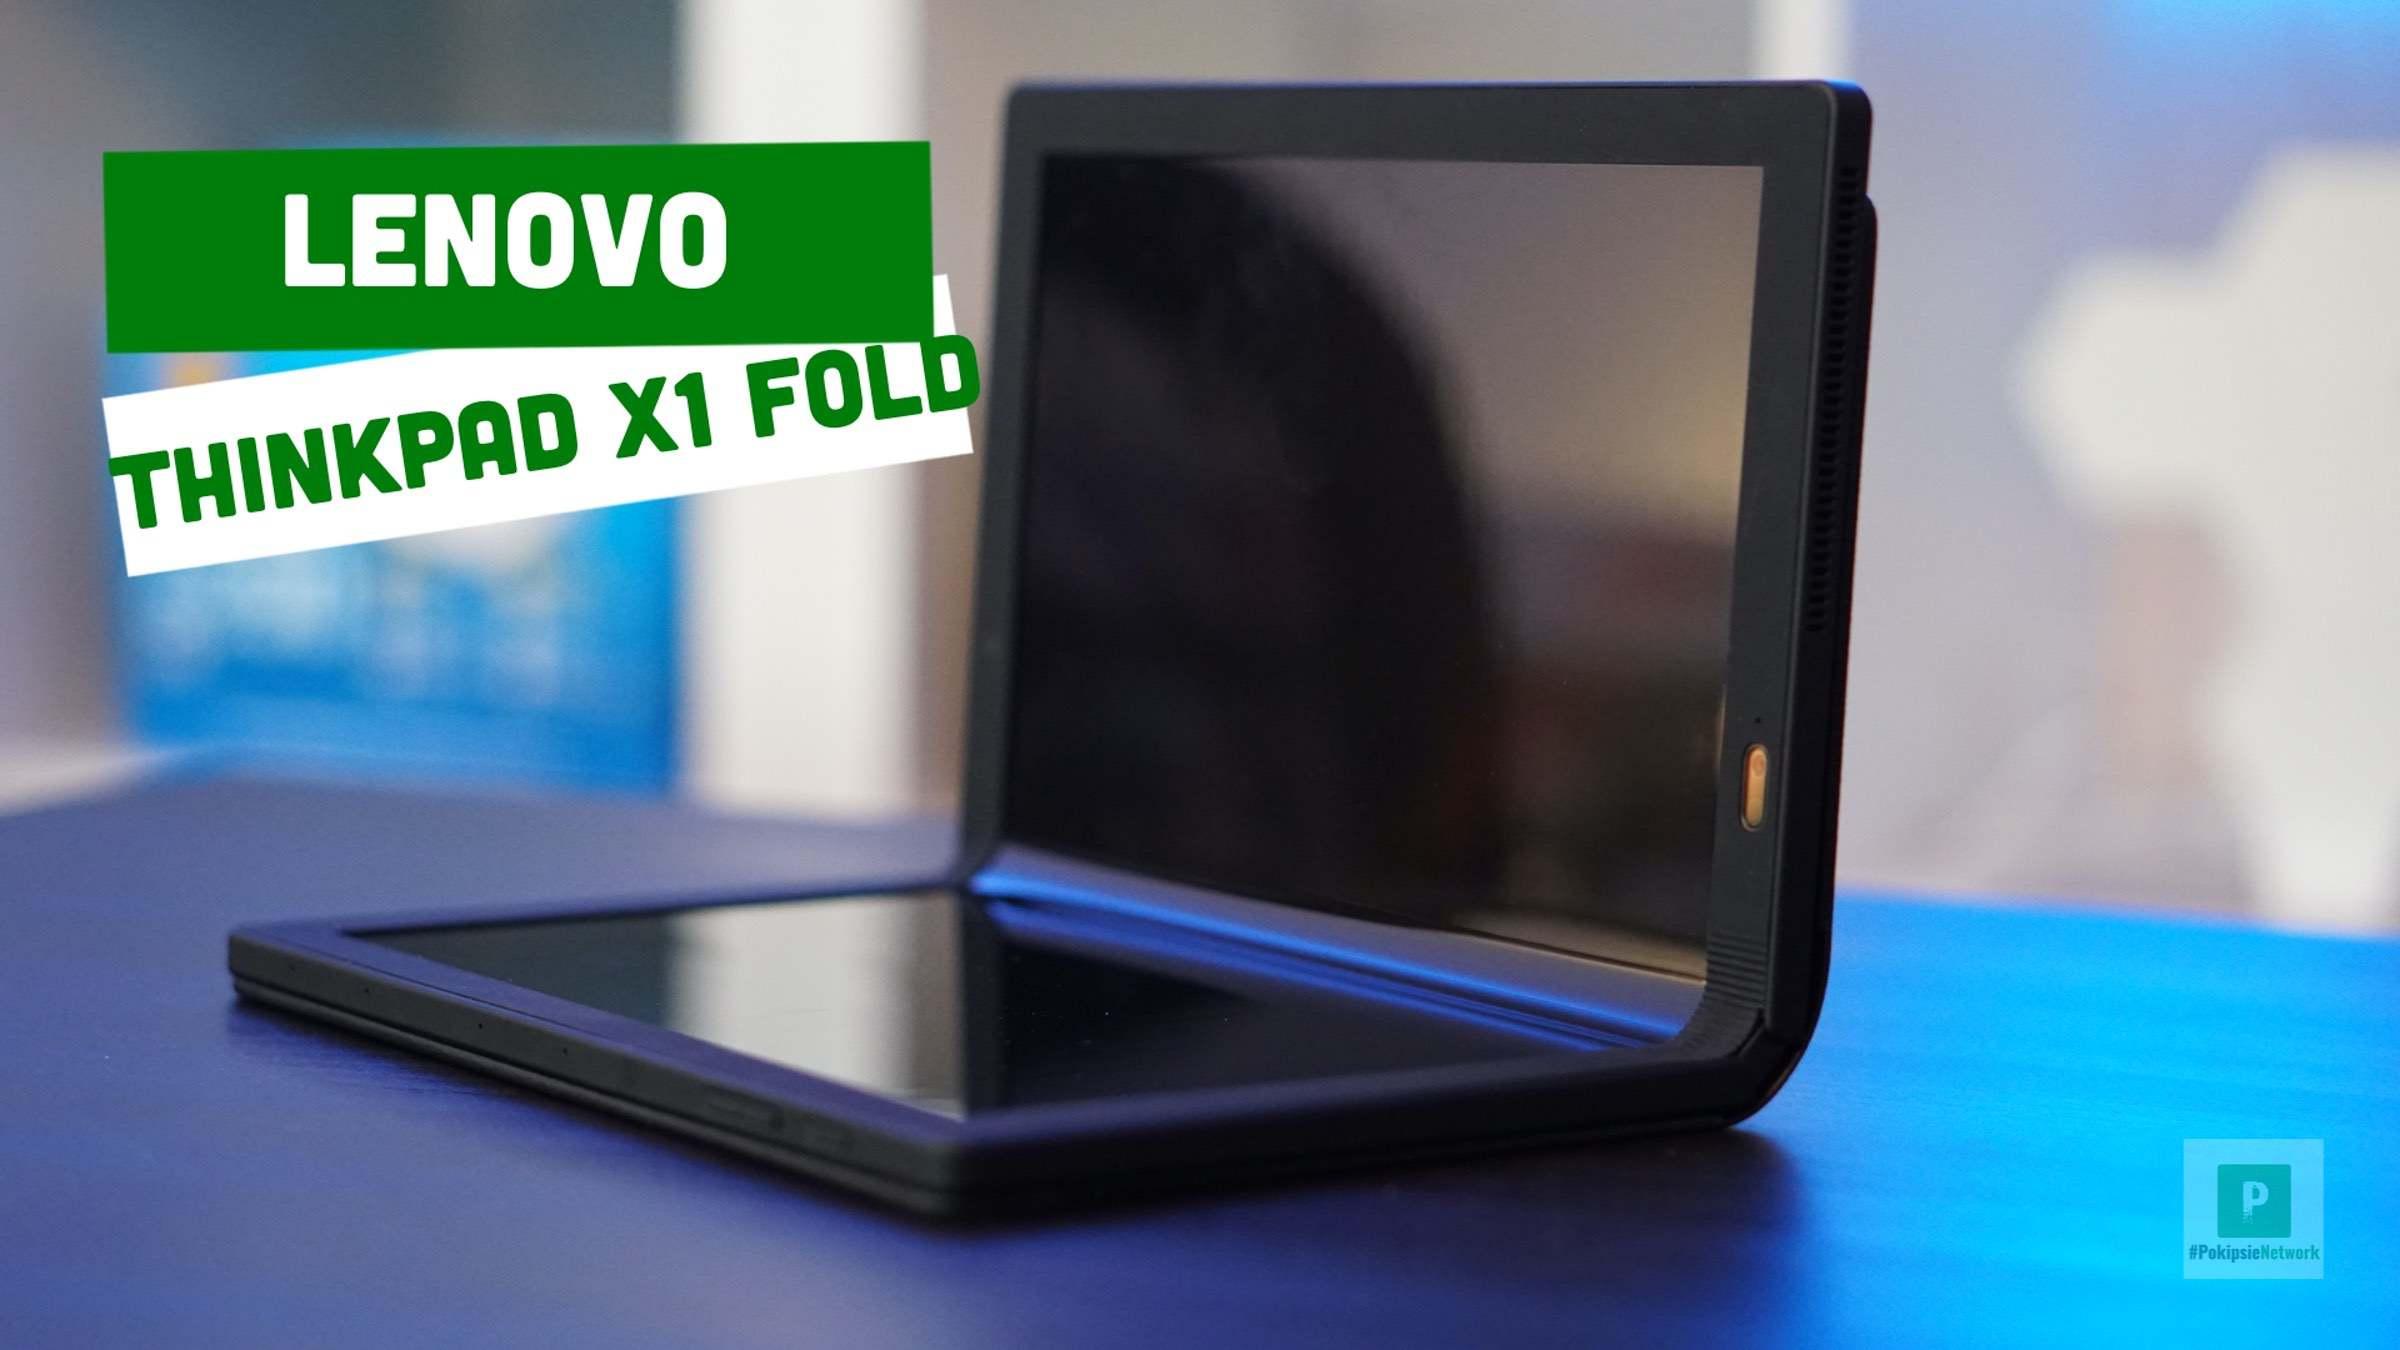 Video – Lenovo ThinkPad X1 Fold